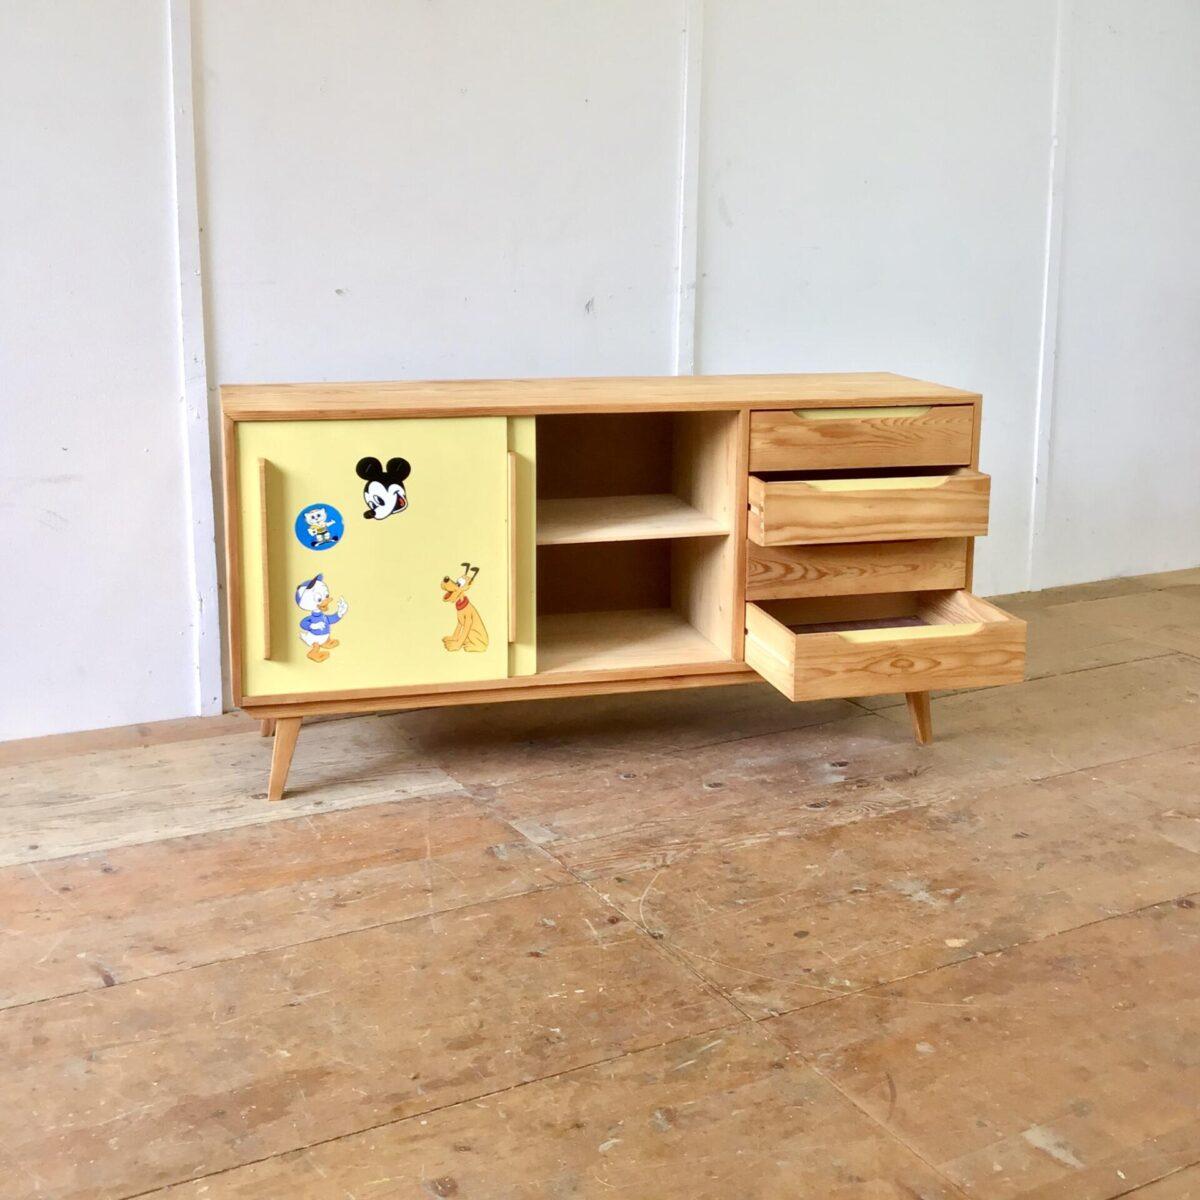 Tannenholz Sideboard aus den 60er 70er Jahren. 150x44.5cm Höhe 75cm. Die Schiebetüren sind aus gelbem Kunstharz (Kelko). Die Aufkleber aus der Zeit, lassen sich natürlich entfernen, solange nicht klar ist ob jemand Freude daran hat, bleiben Sie noch dran. Die Kommode ist proportional sehr ausgewogen und praktisch. Ob als Sideboard im Wohnzimmer mit TV Gerät, oder als Kleiderkommode im Kinderzimmer. Das Möbel ist sehr geräumig und funktional mit den Schubladen und Schiebetüren. Alle Vollholz Elemente sind geschliffen und mit Naturöl behandelt.